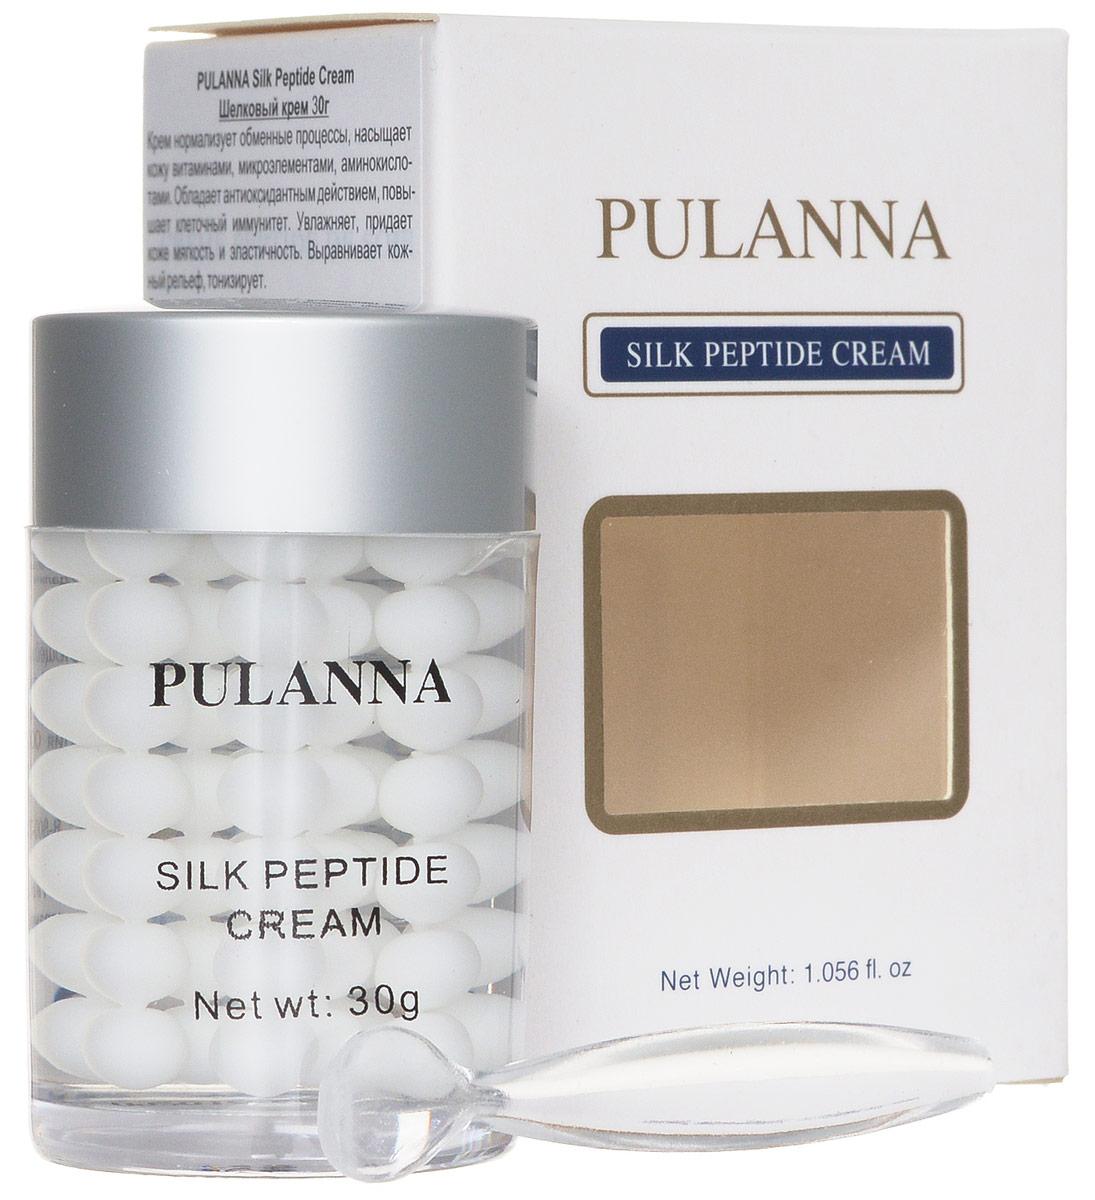 Pulanna Шелковый крем на основе пептидов шелка - Silk Peptide Cream 30 г5902596005207Крем нормализует обменные процессы, насыщает кожу витаминами, микроэлементами, аминокислотами. Обладает антиоксидантным действием, повышает клеточный иммунитет. Увлажняет, придает мягкость и эластичность. Выравнивает кожный рельеф (морщины и линии), тонизирует. Пептиды шелка за счет своей низкомолекулярной структуры обладают высокой проницаемостью и запускают ряд биохимических реакций, направленных на восстановление клеток кожи. Пептиды шелка богаты аминокислотами и олигопептидами, необходимыми для обменных процессов. В результате улучшаются микроциркуляция, лимфоток, структура кожи, а также разглаживаются морщины и восстанавливается здоровый цвет лица. Аминокислоты мгновенно заполняют все повреждения и неровности на коже, возвращая ей гладкость и мягкость. Являются отличными резервуарами влаги и компенсируют обезвоженность кожи. Пептиды шелка один из немногих компонентов, на который практически не бывает аллергических реакций, что делает их незаменимым компонентом для людей с...